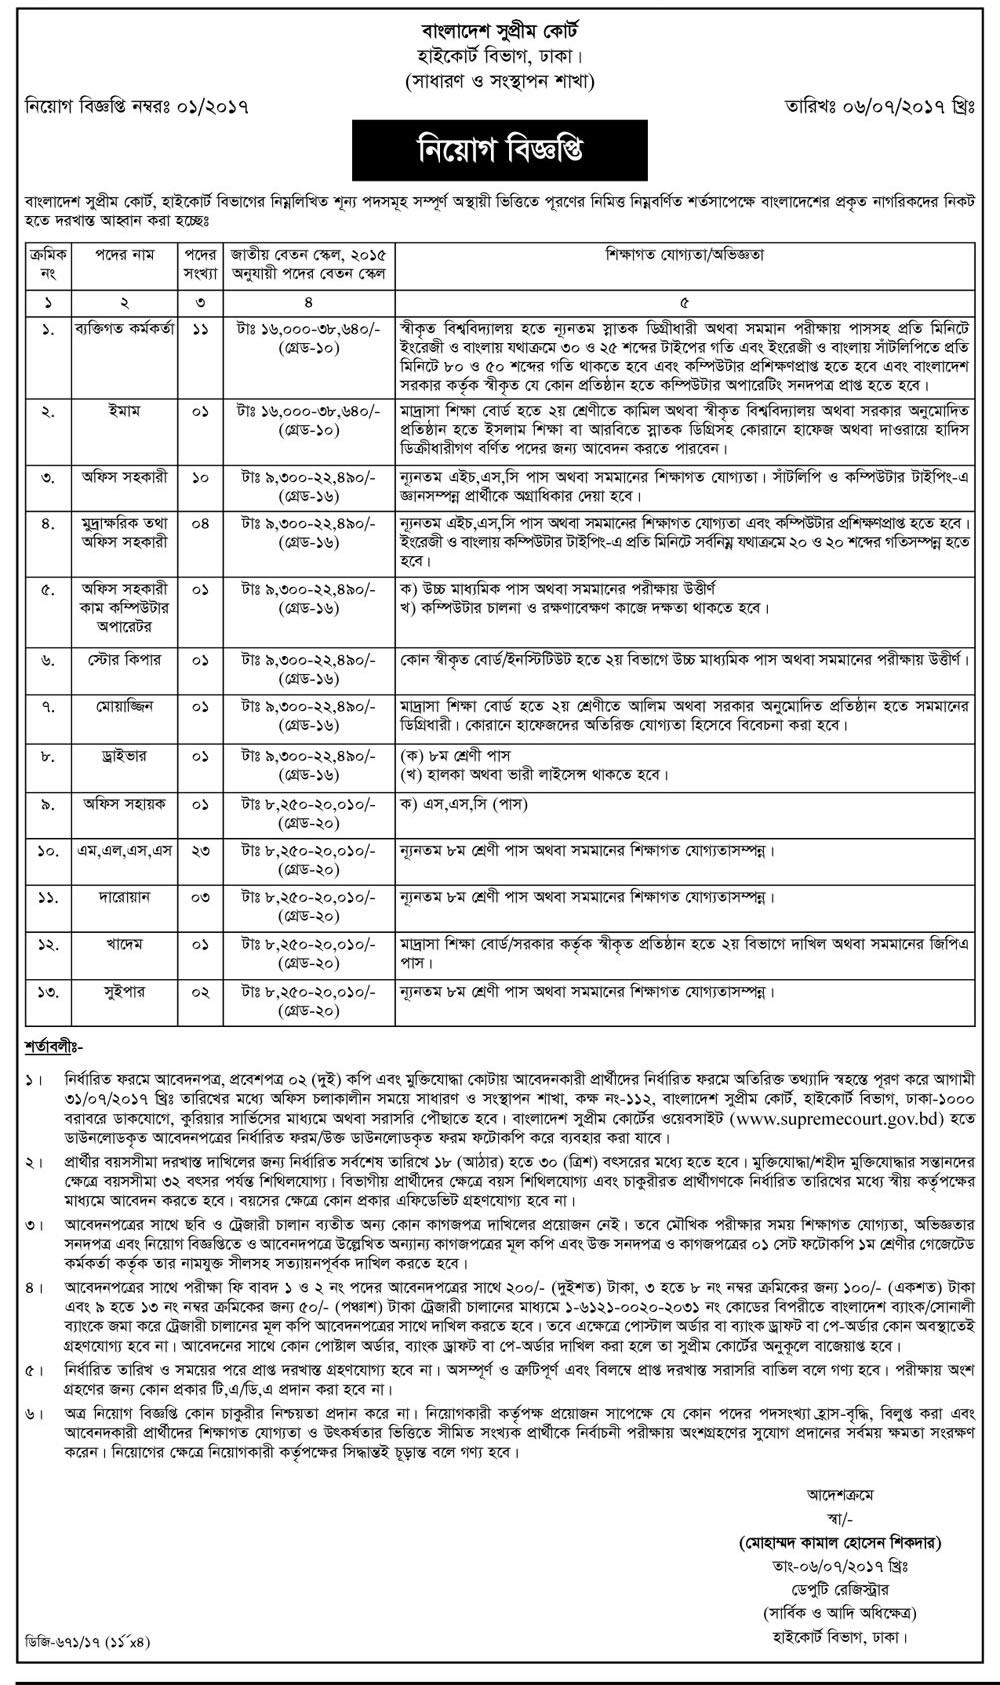 Bangladesh Supreme Court Latest Job Circular 2017